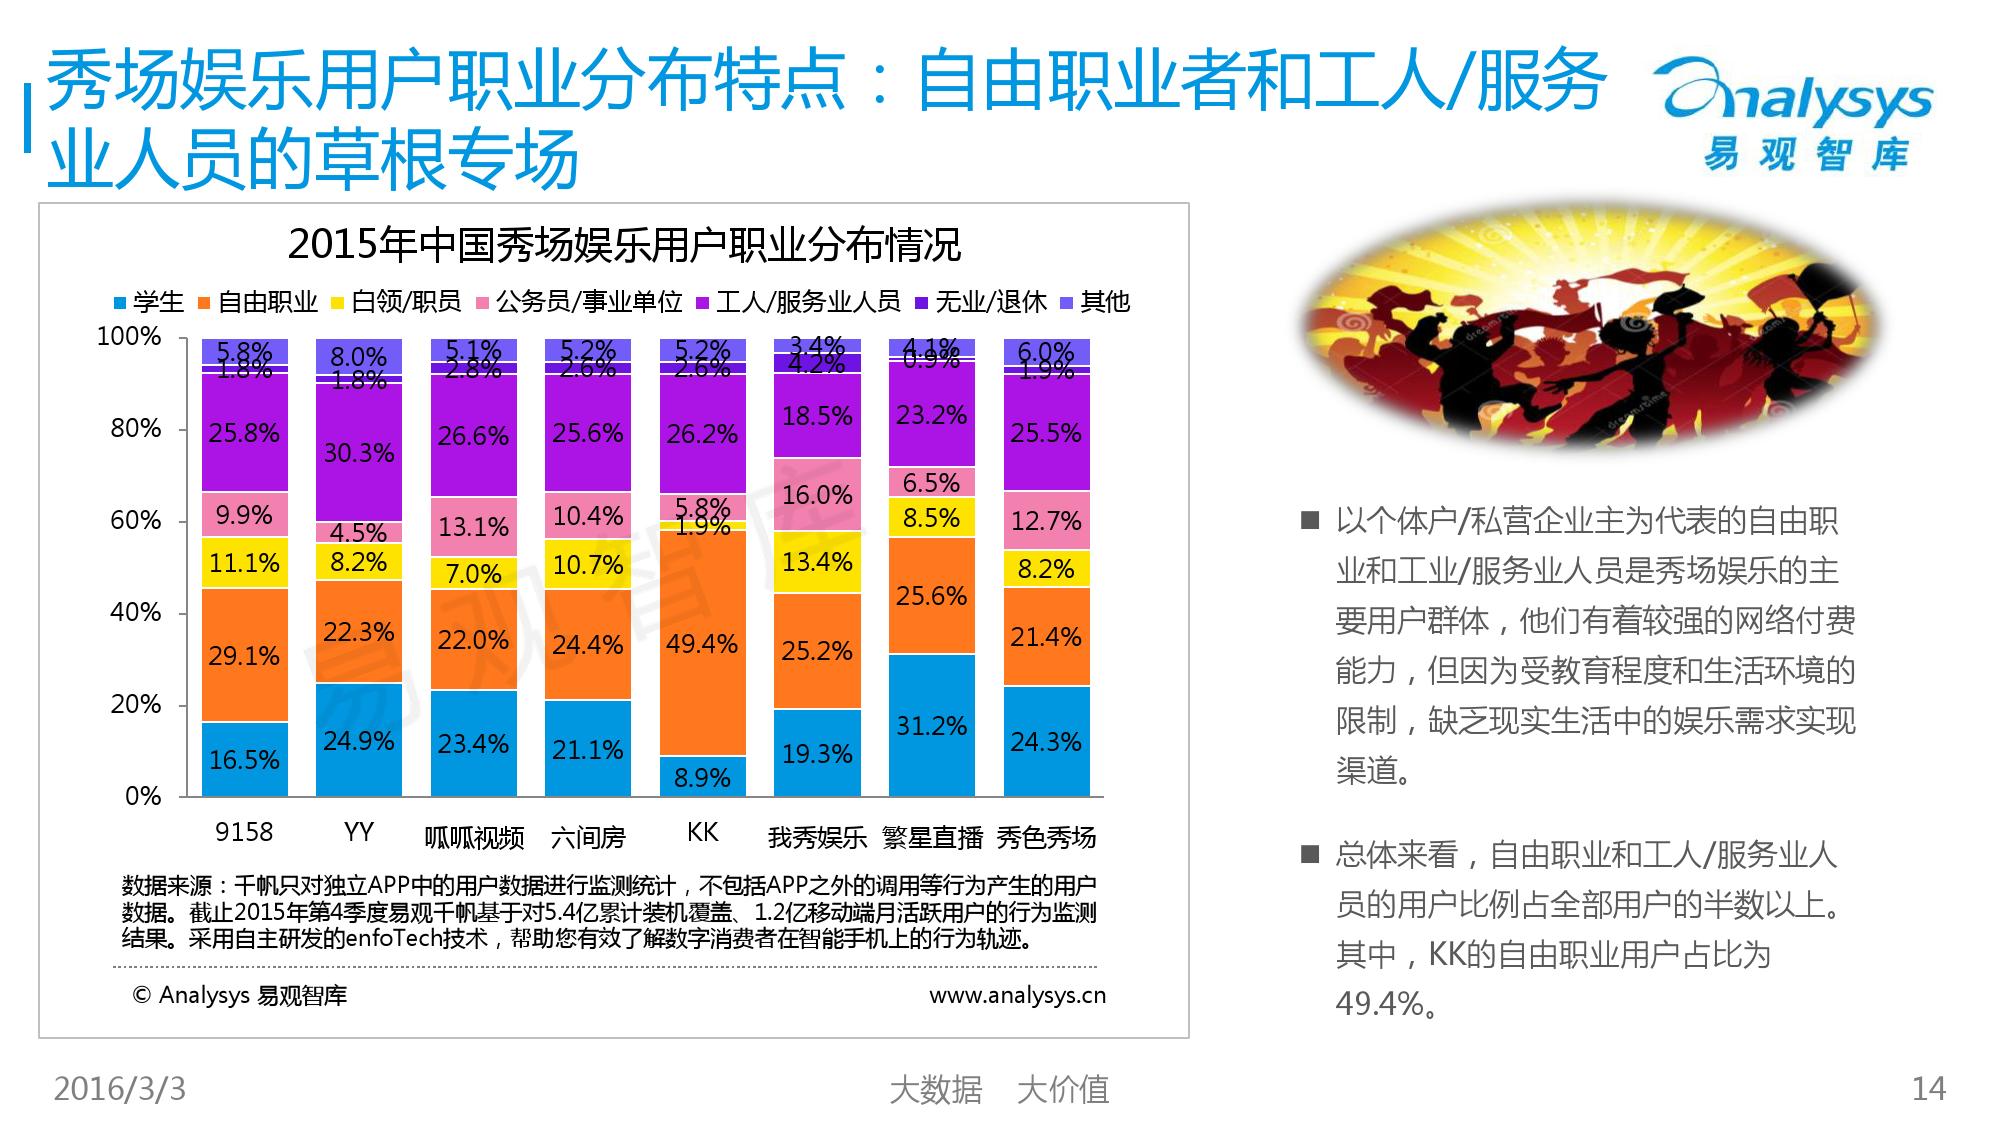 中国秀场娱乐市场专题研究报告2016_000014